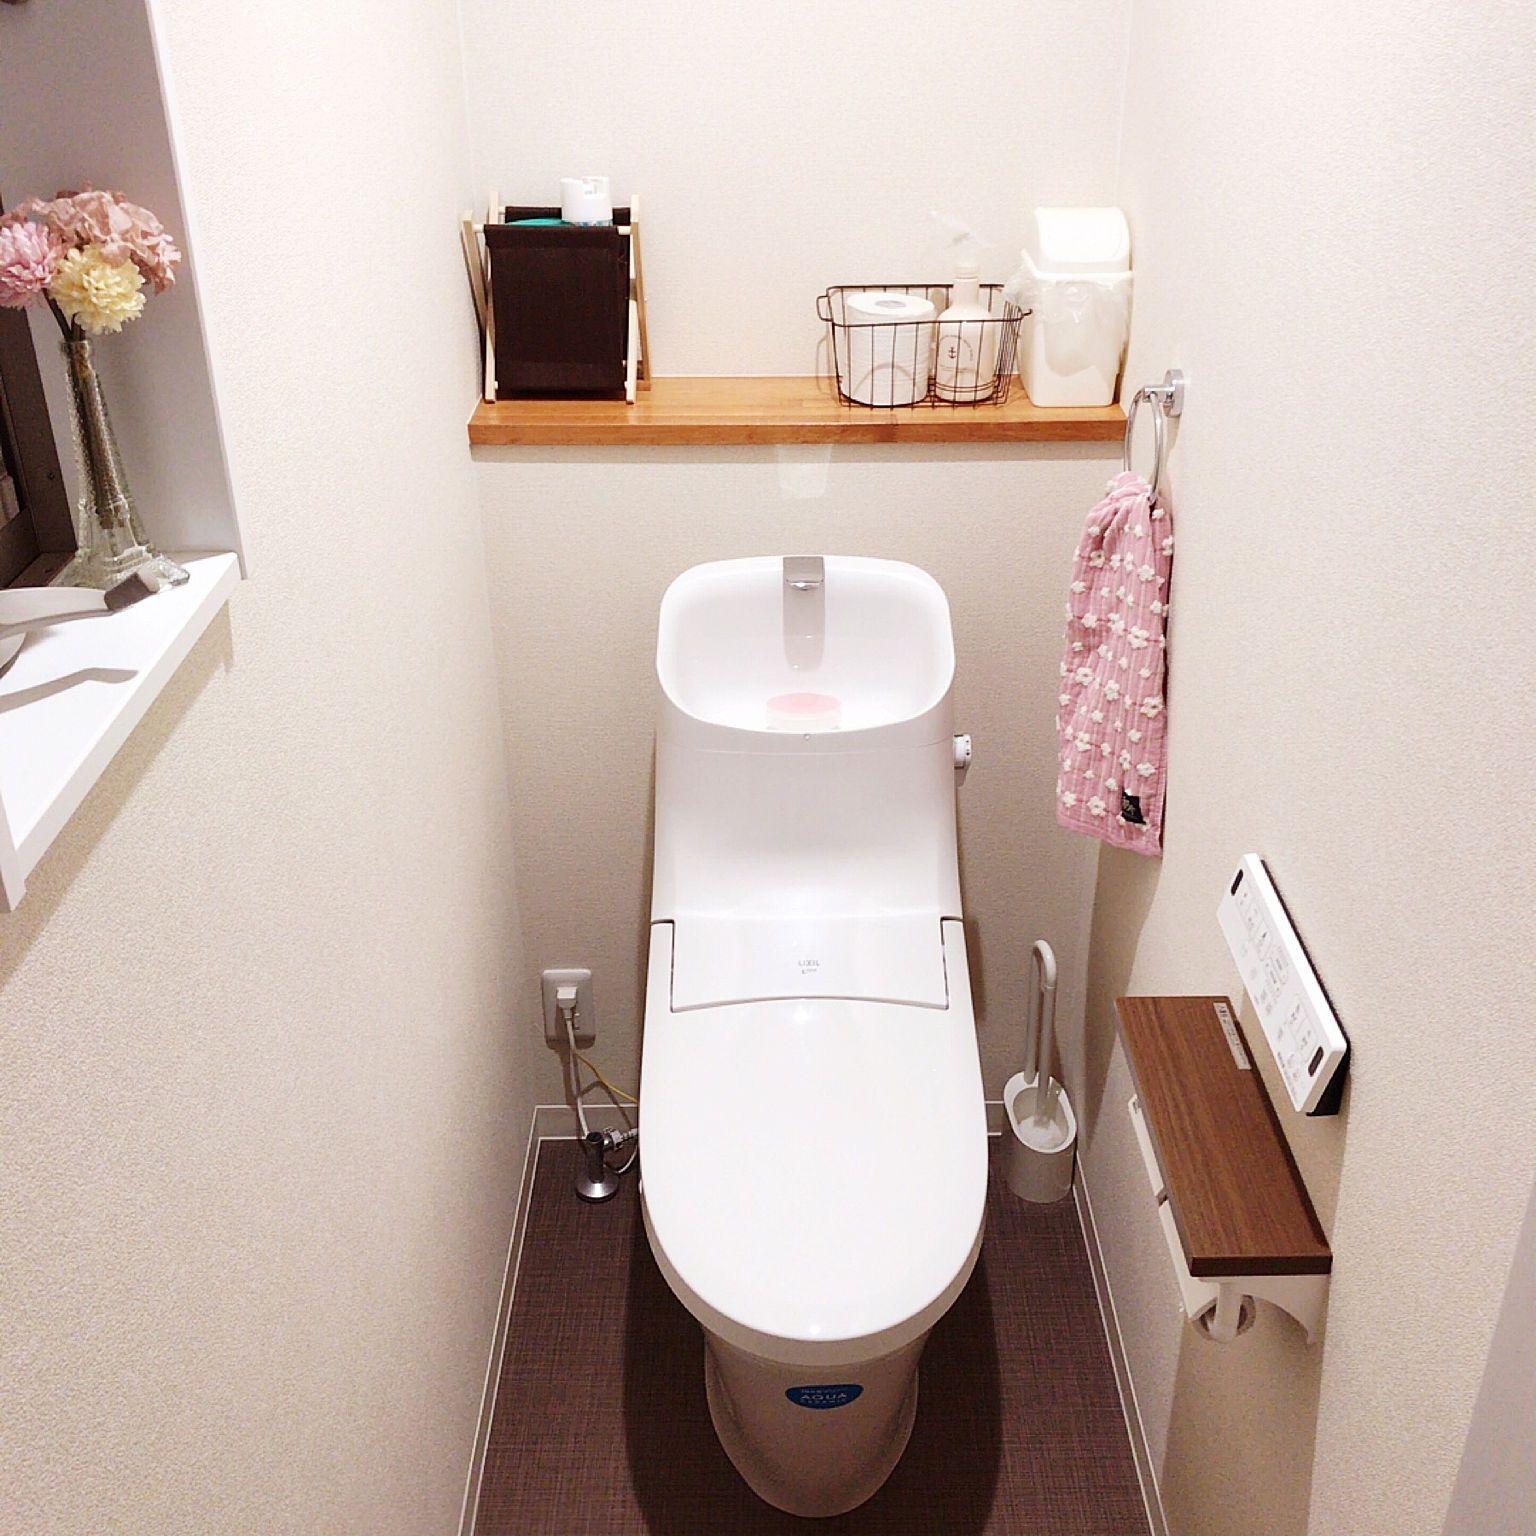 バス トイレ リクシルのトイレ 建具はクリエモカ 注文住宅のインテリア実例 2018 01 05 23 26 36 Roomclip ルームクリップ インテリア 実例 インテリア 建具